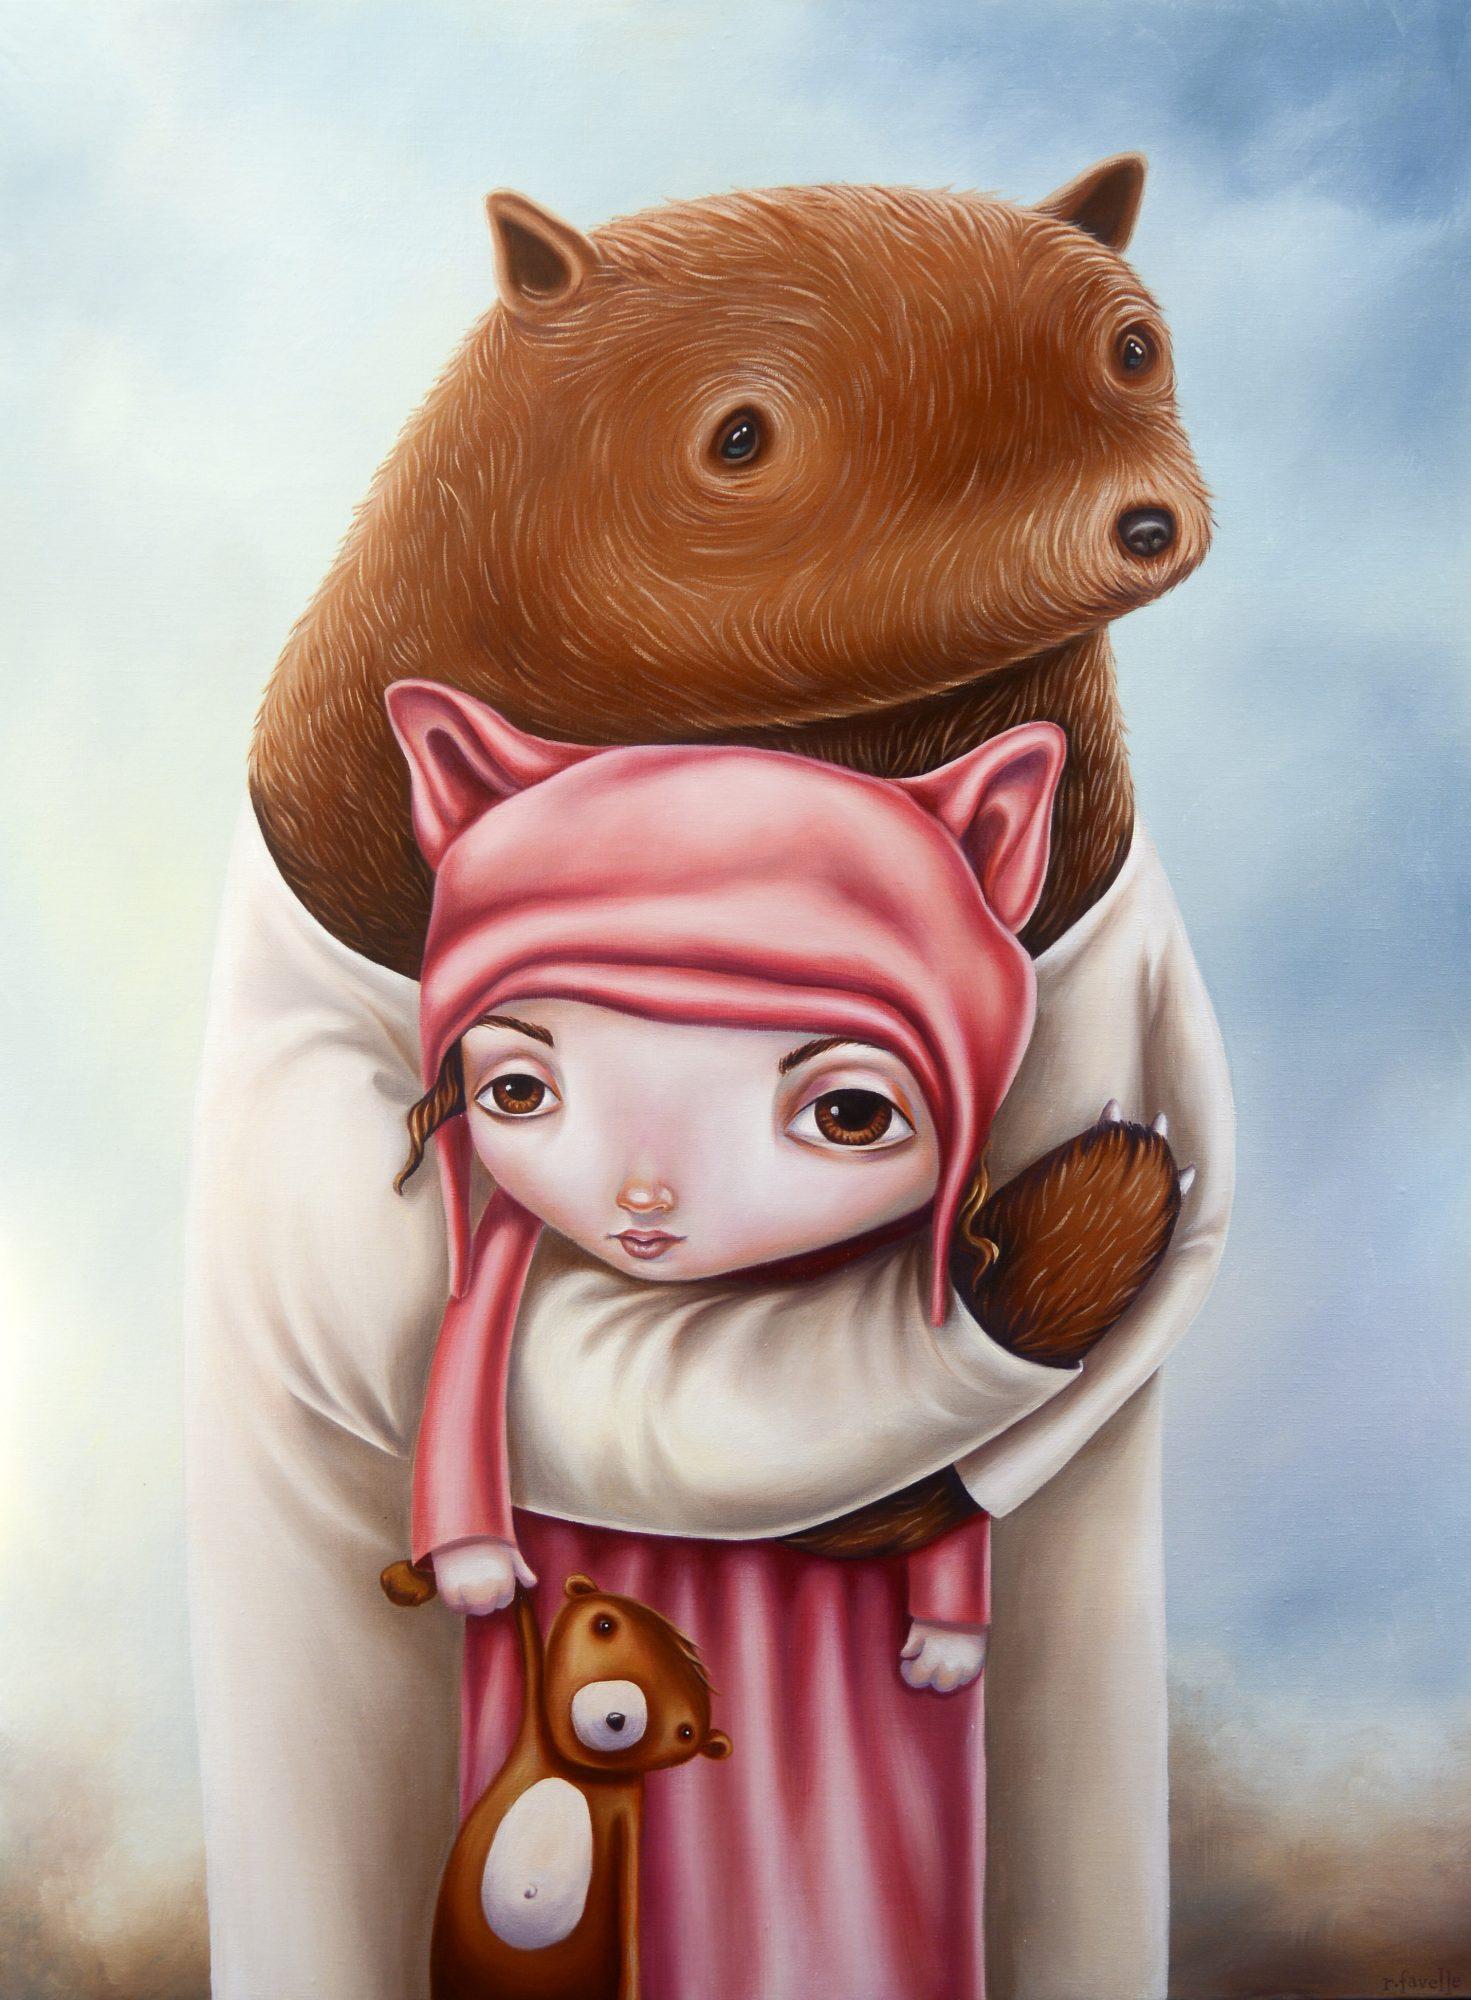 r_favelle_-teddy-and-bear